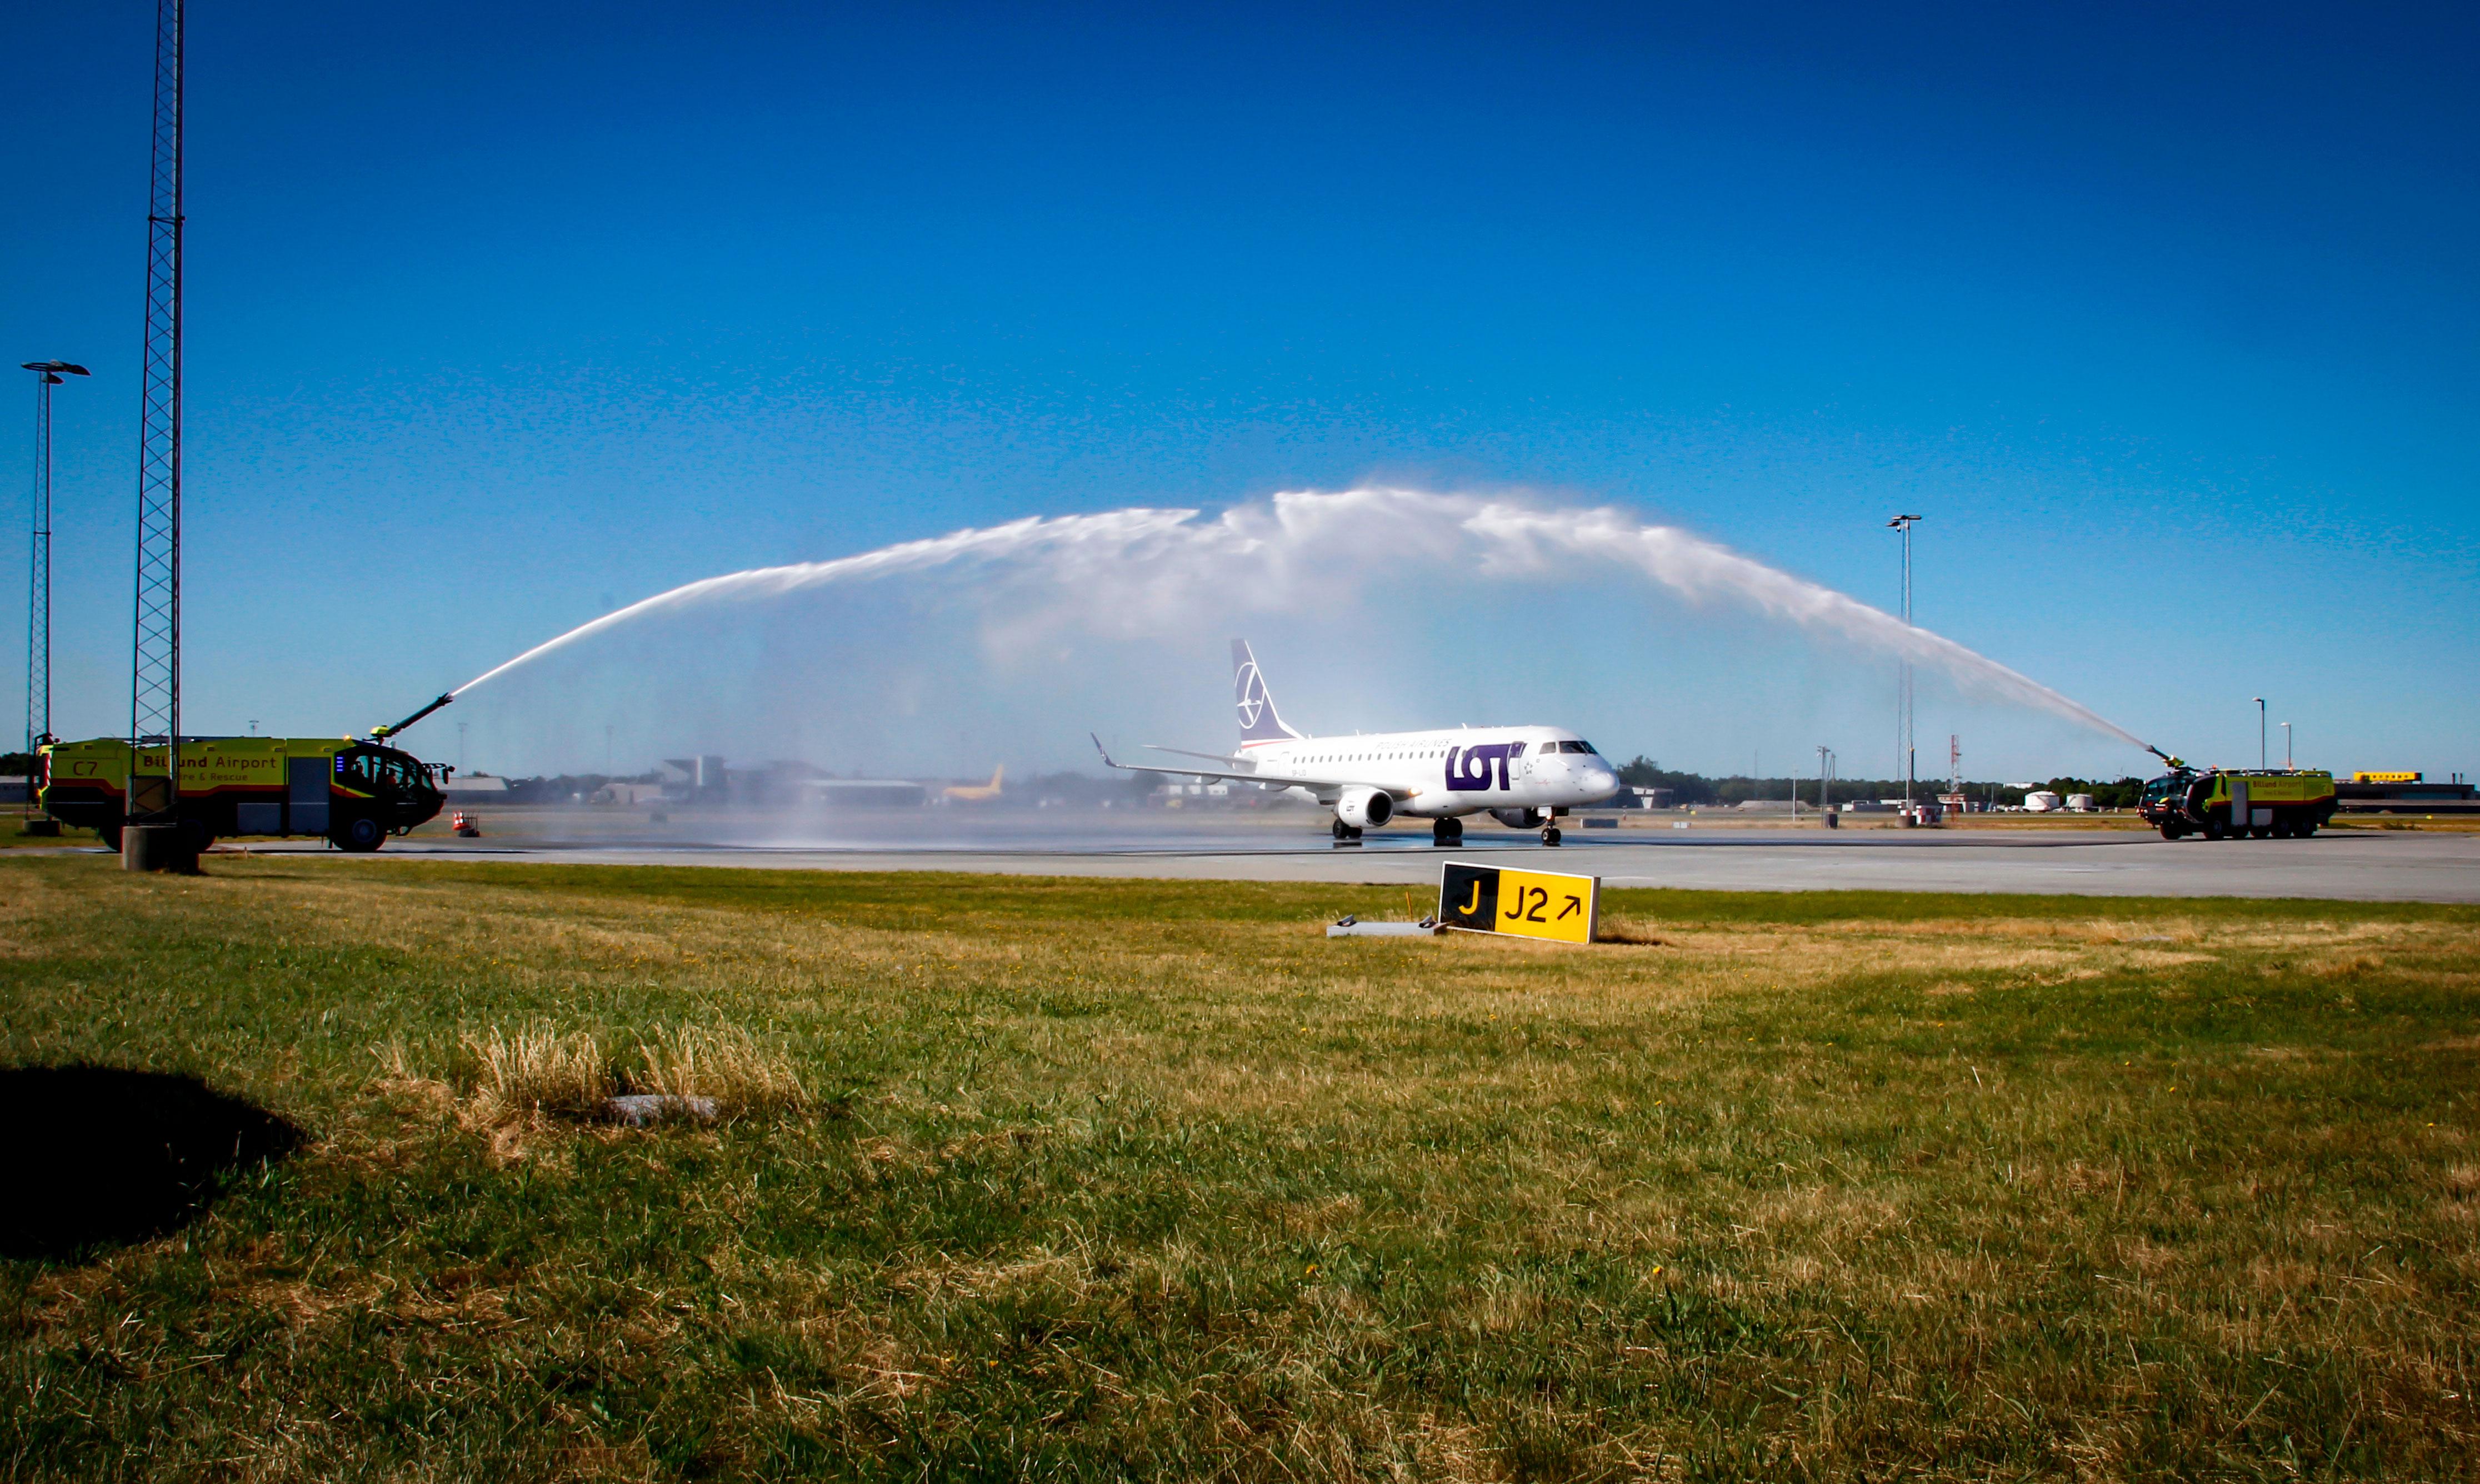 LOT's Embraer E175-fly ankommer første gang til Billund Lufthavn på den nye rute fra Warszawa Chopin. (Foto: Billund Lufthavn)